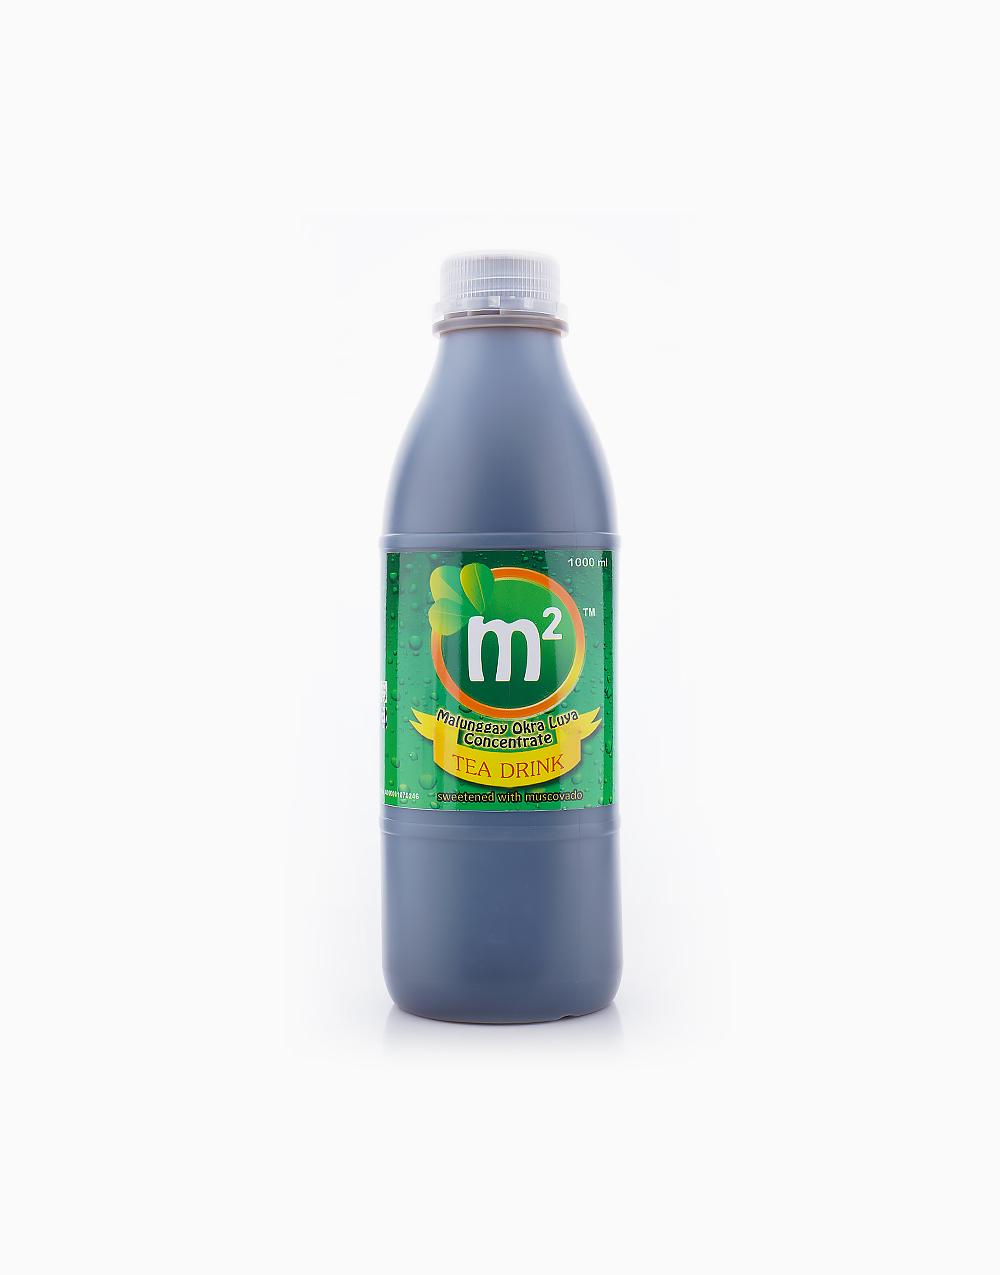 M2 Malunggay Tea Drink (1L) by M2 Malunggay